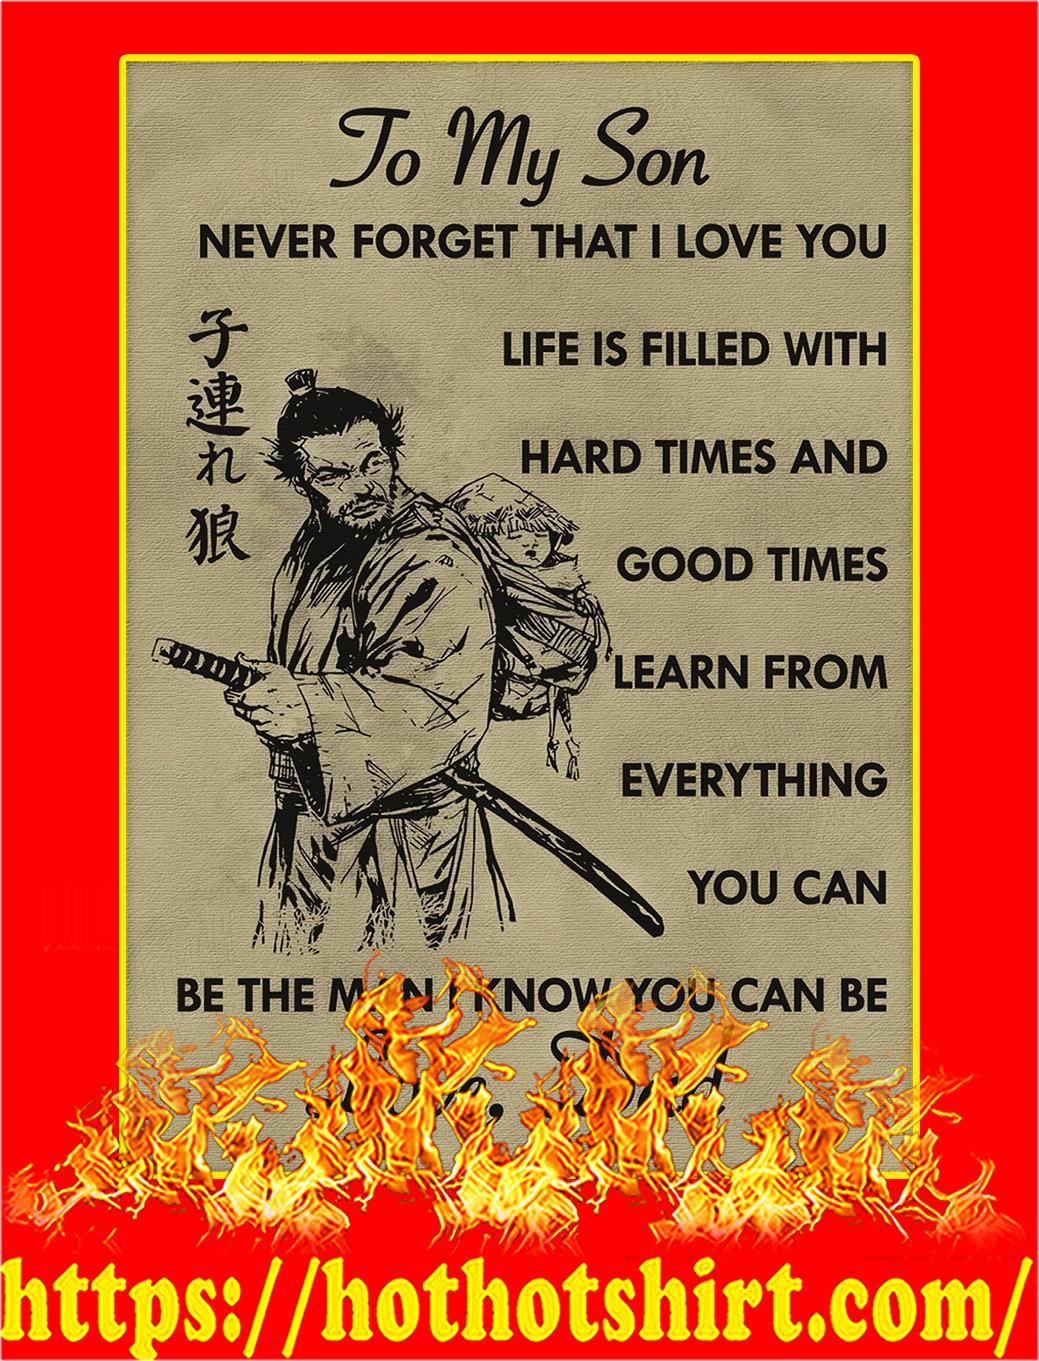 To my son samurai poster - A2